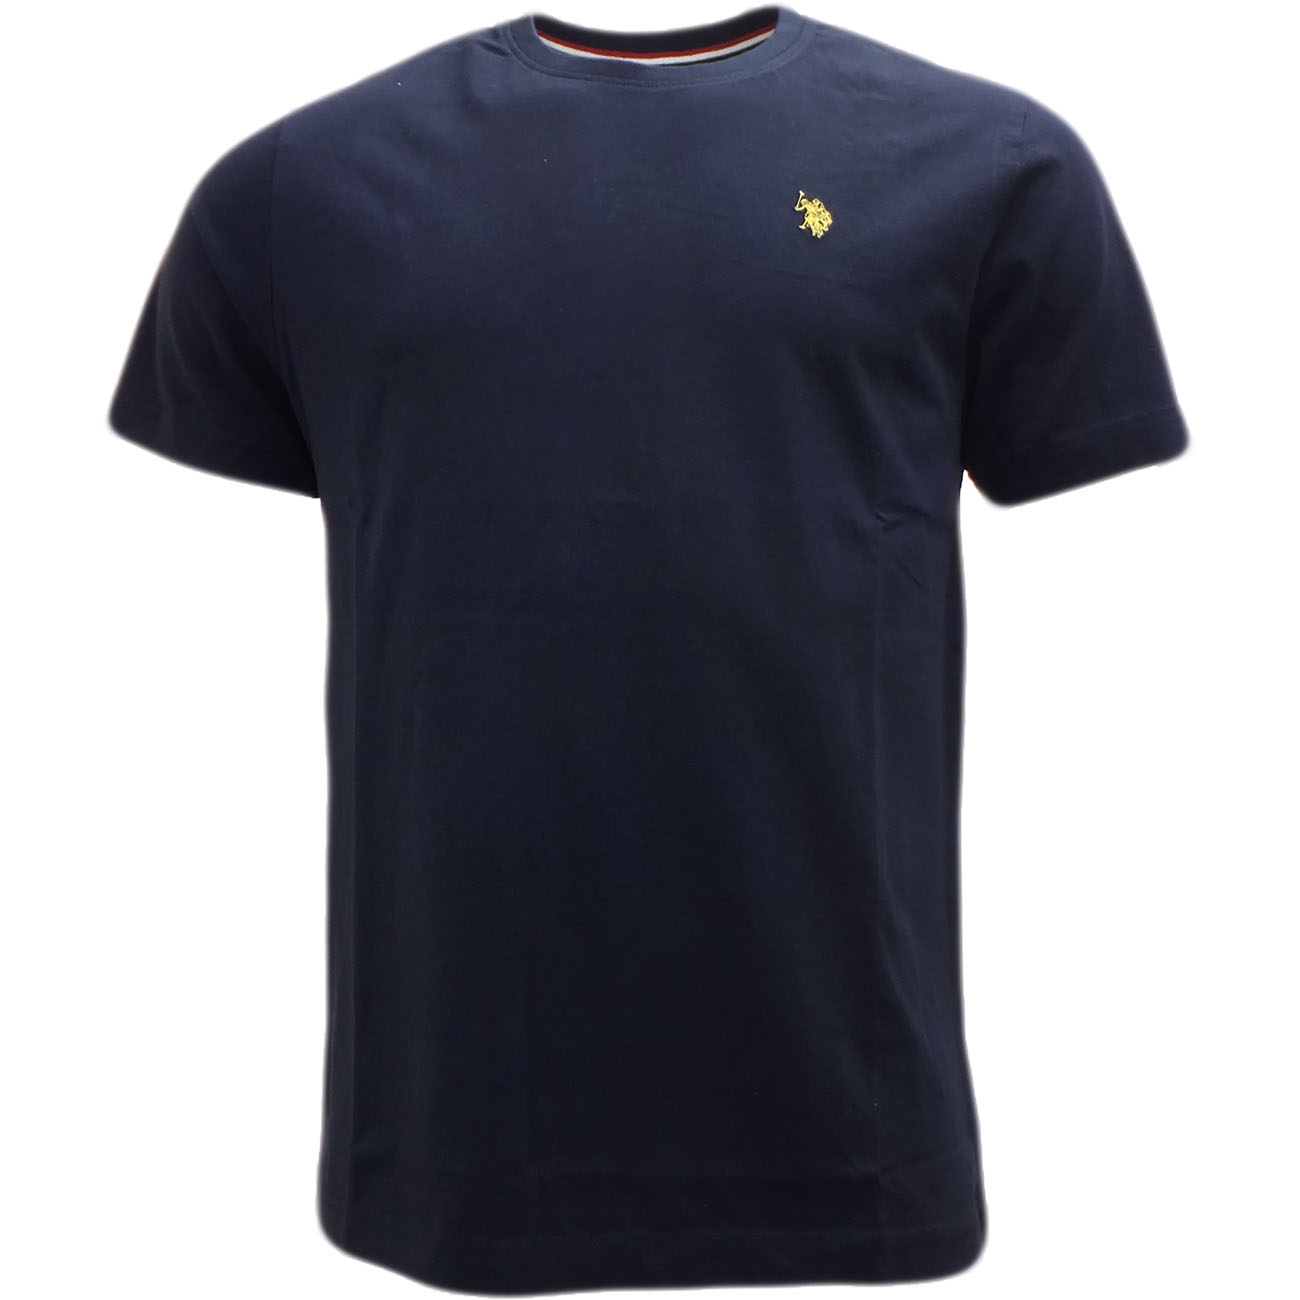 U.S. Polo Assn  T Shirt / Horse Logo - T001